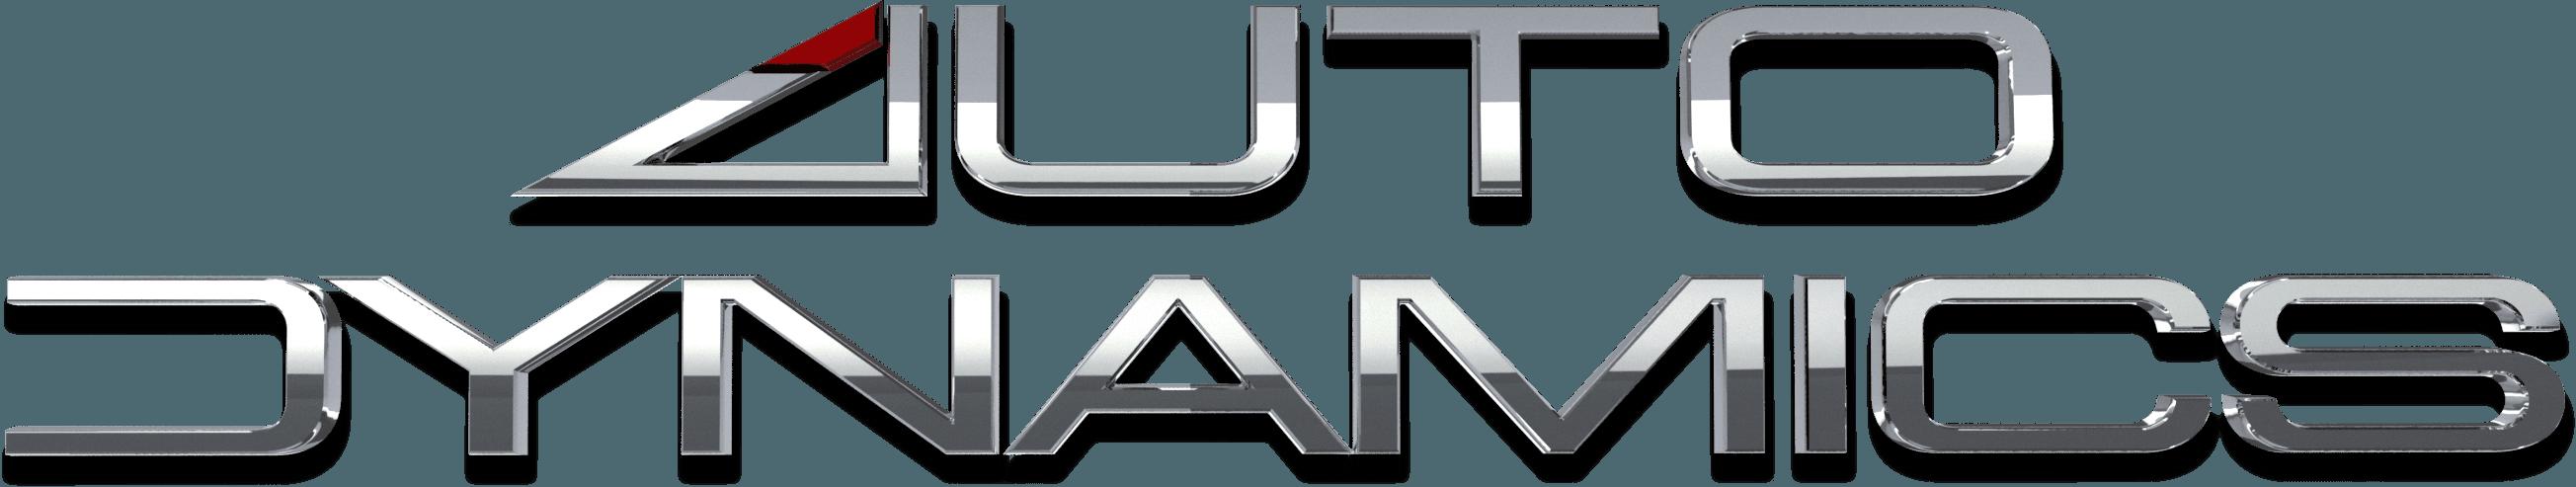 Autodynamics logo